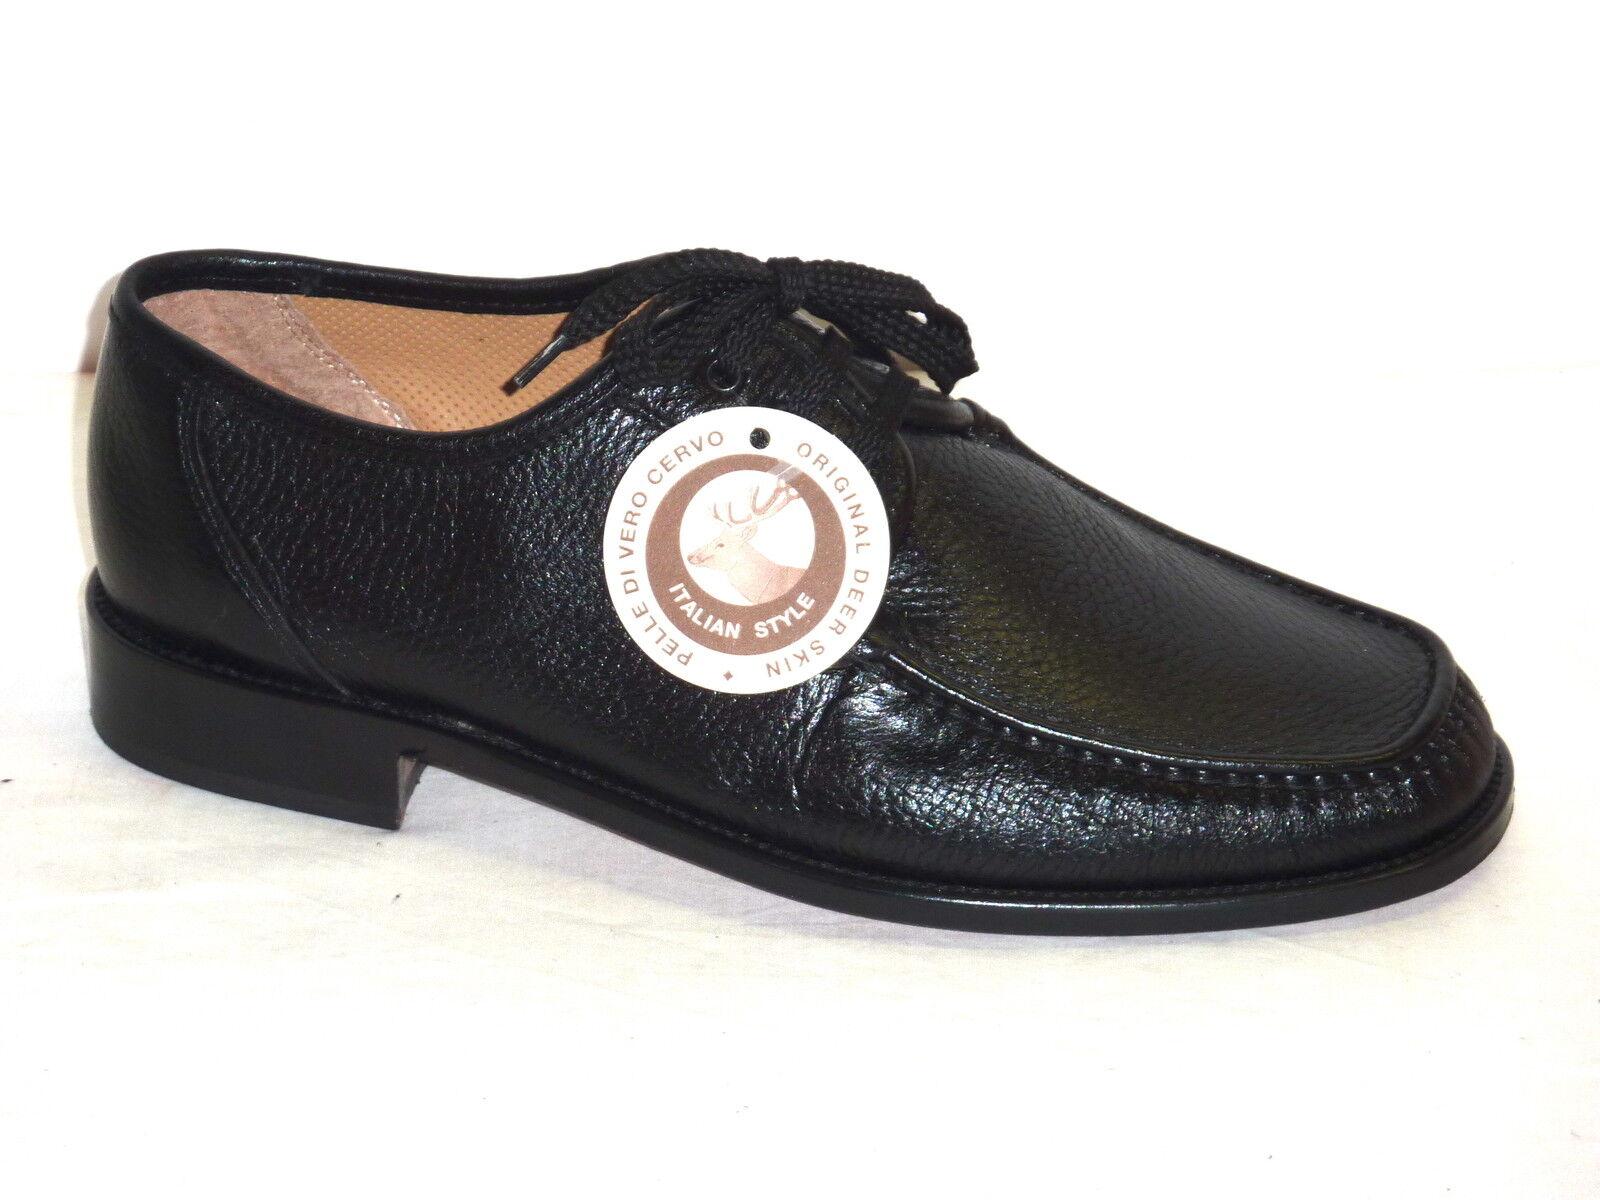 U4201H MELLUSO zapatos hombres ALLACCIATE PELLE CERVO negro MODA COMODA n. 44